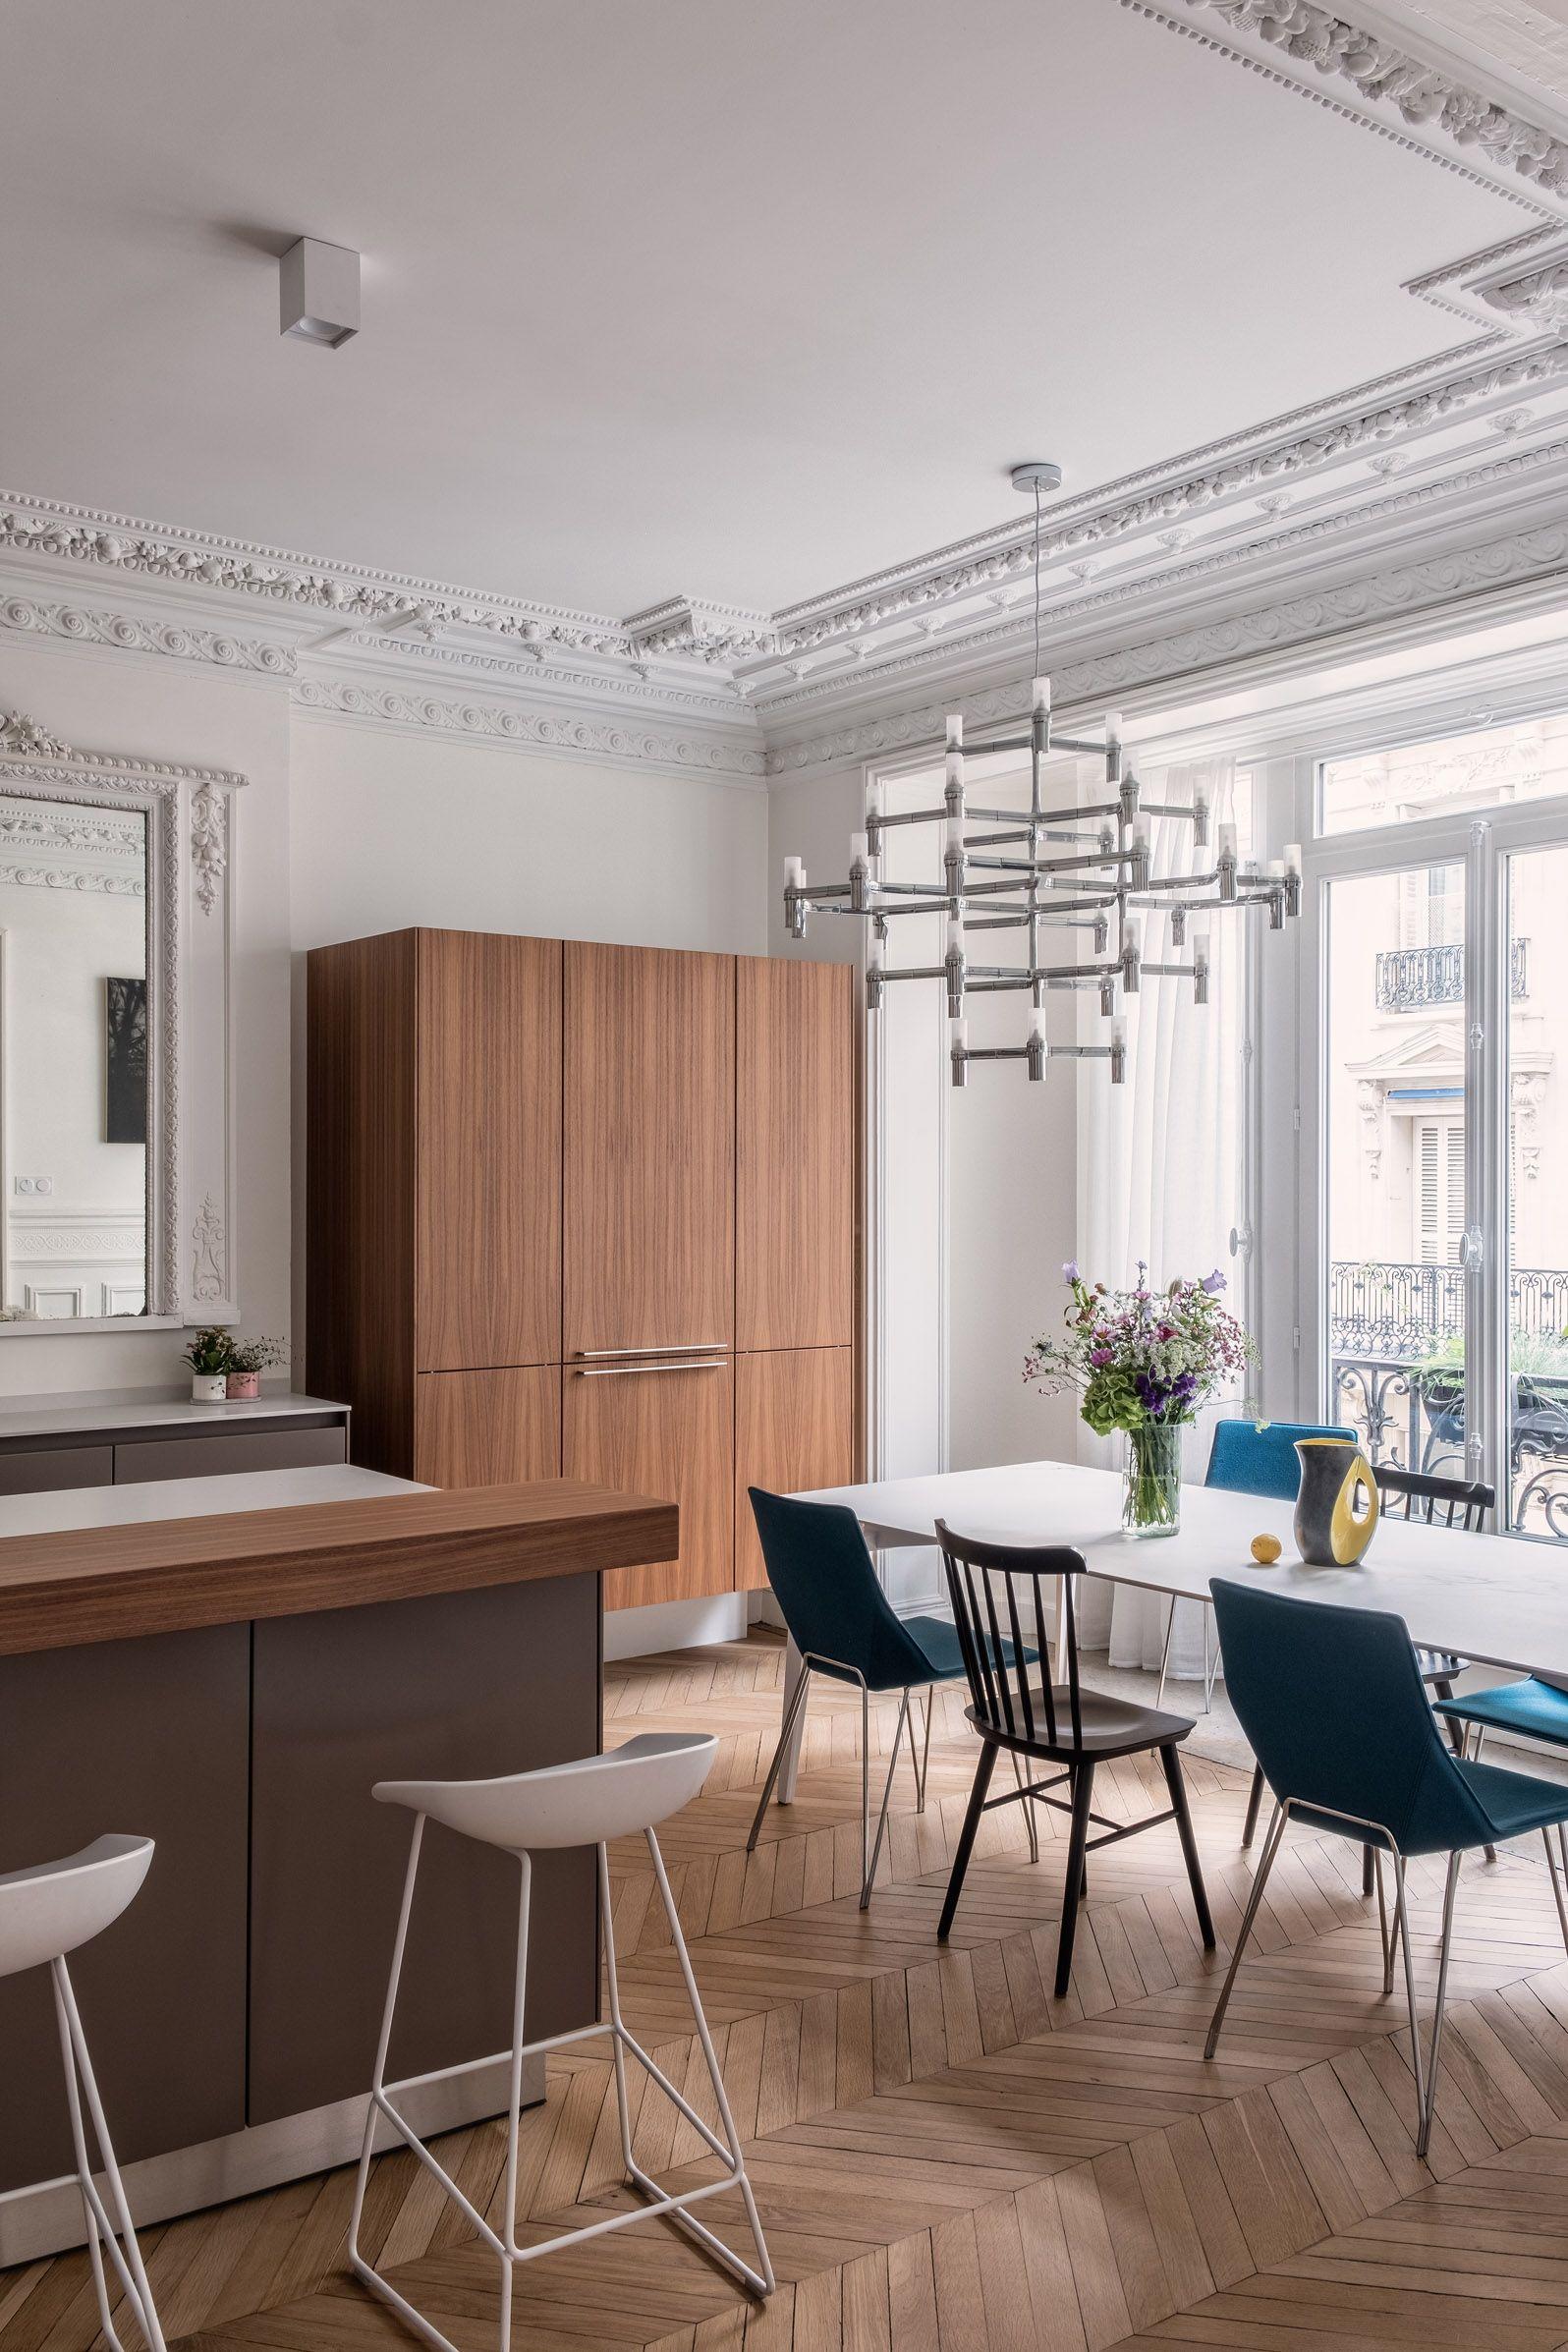 Salon haussmannien parquet point de hongrie moulure au plafond d coration moderne style - Salon parquet ...